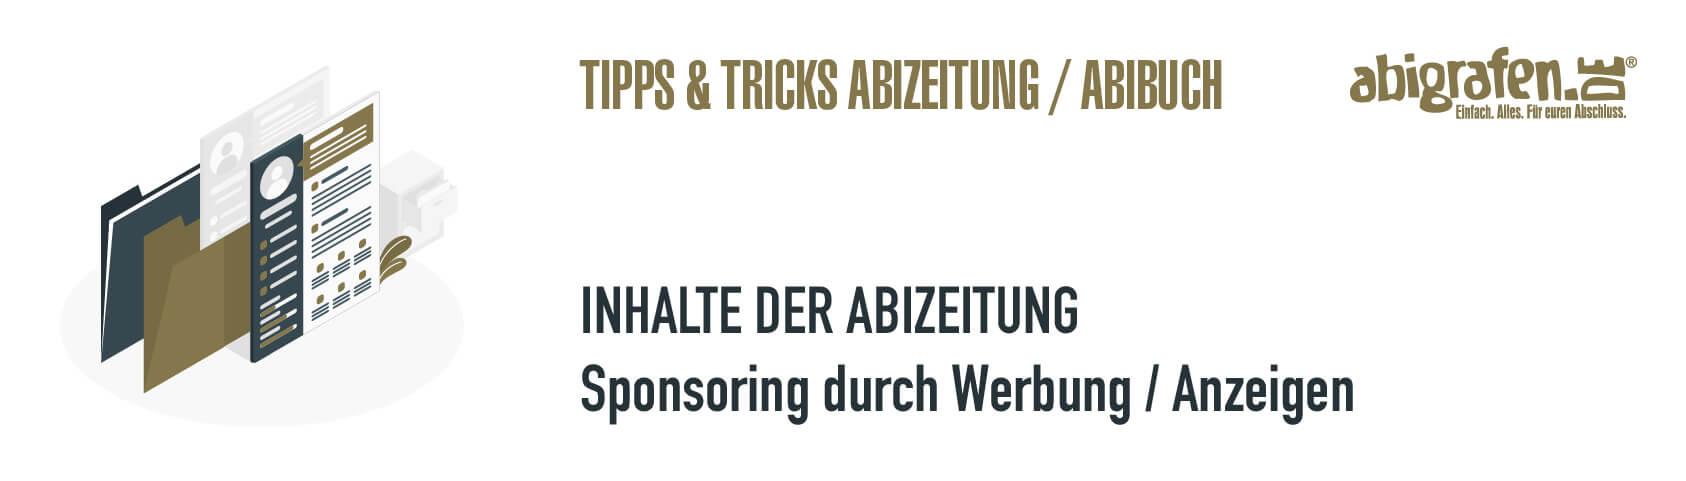 abigrafen-abizeitung-tipps-und-tricks-inhalte-sponsoring